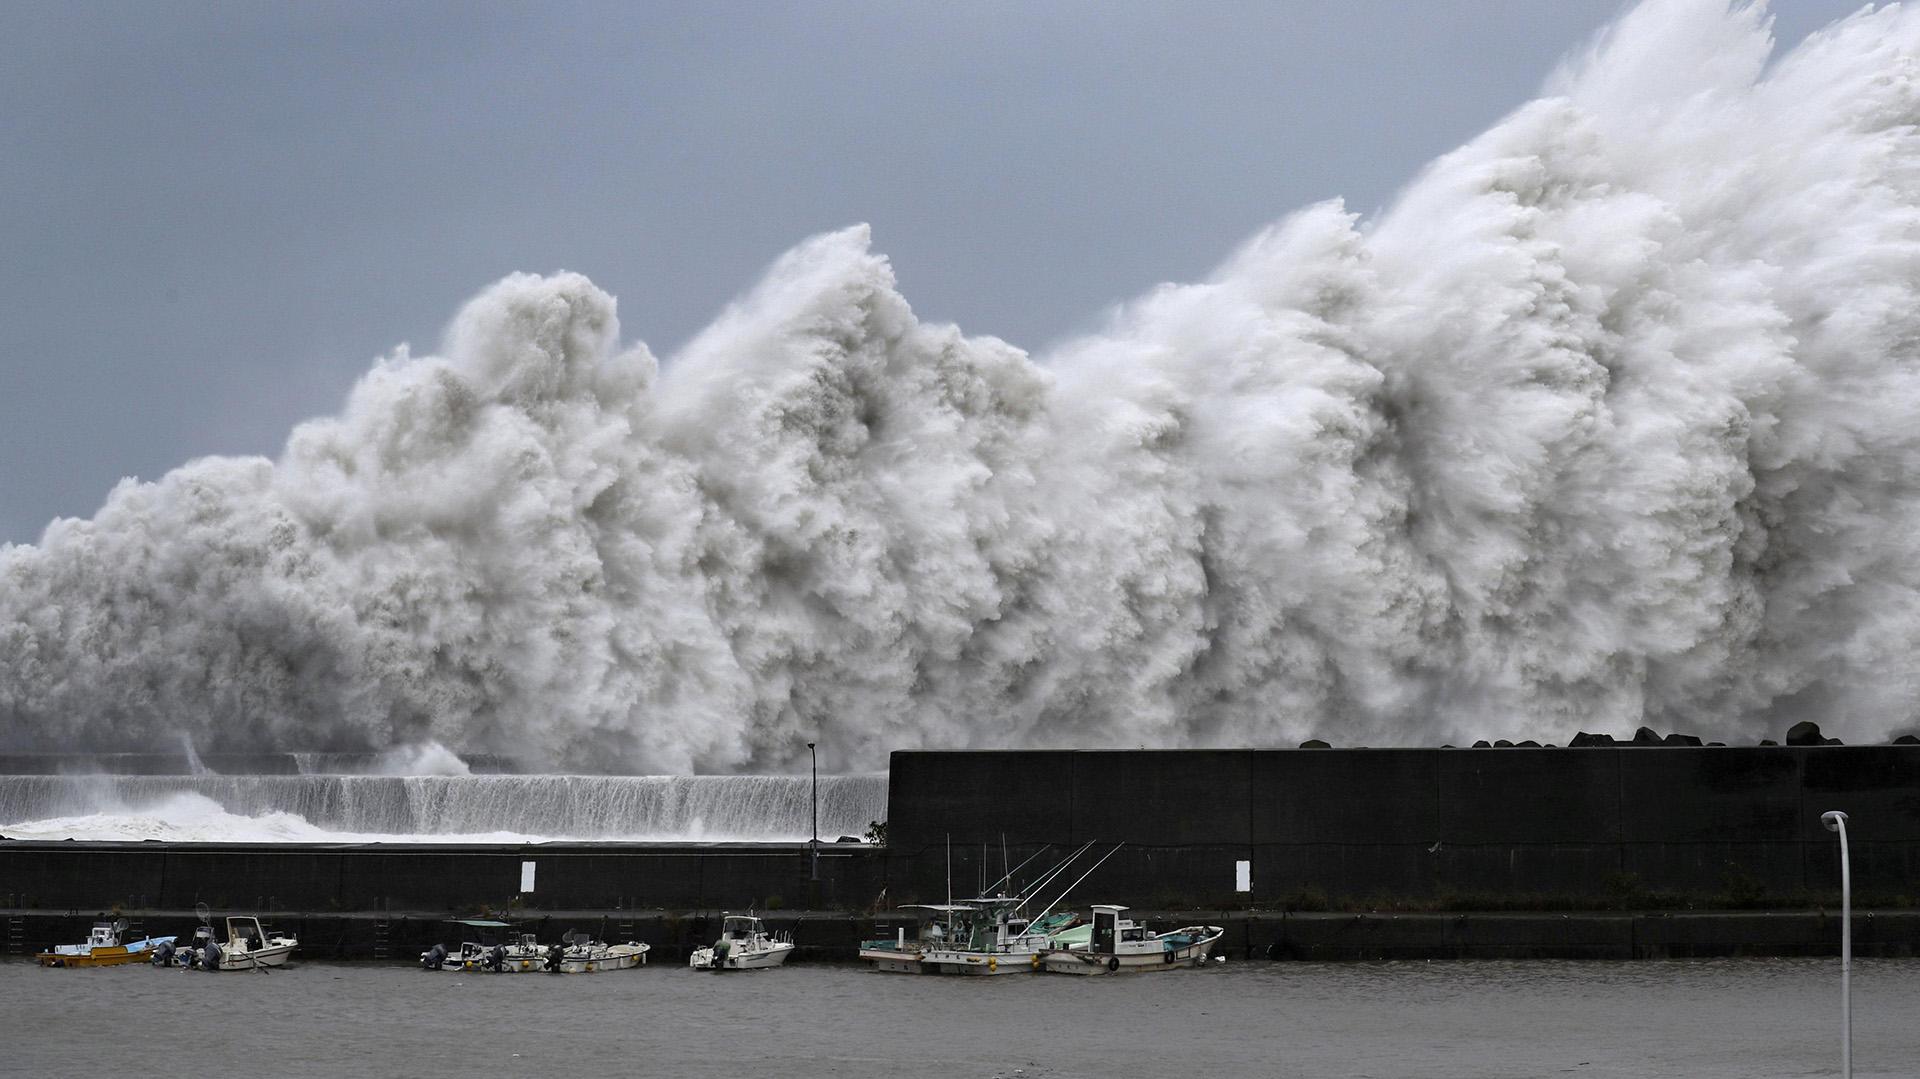 Inmensas olas creadas por el tifón Jebi golpean el puerto de Aki(Reuters)